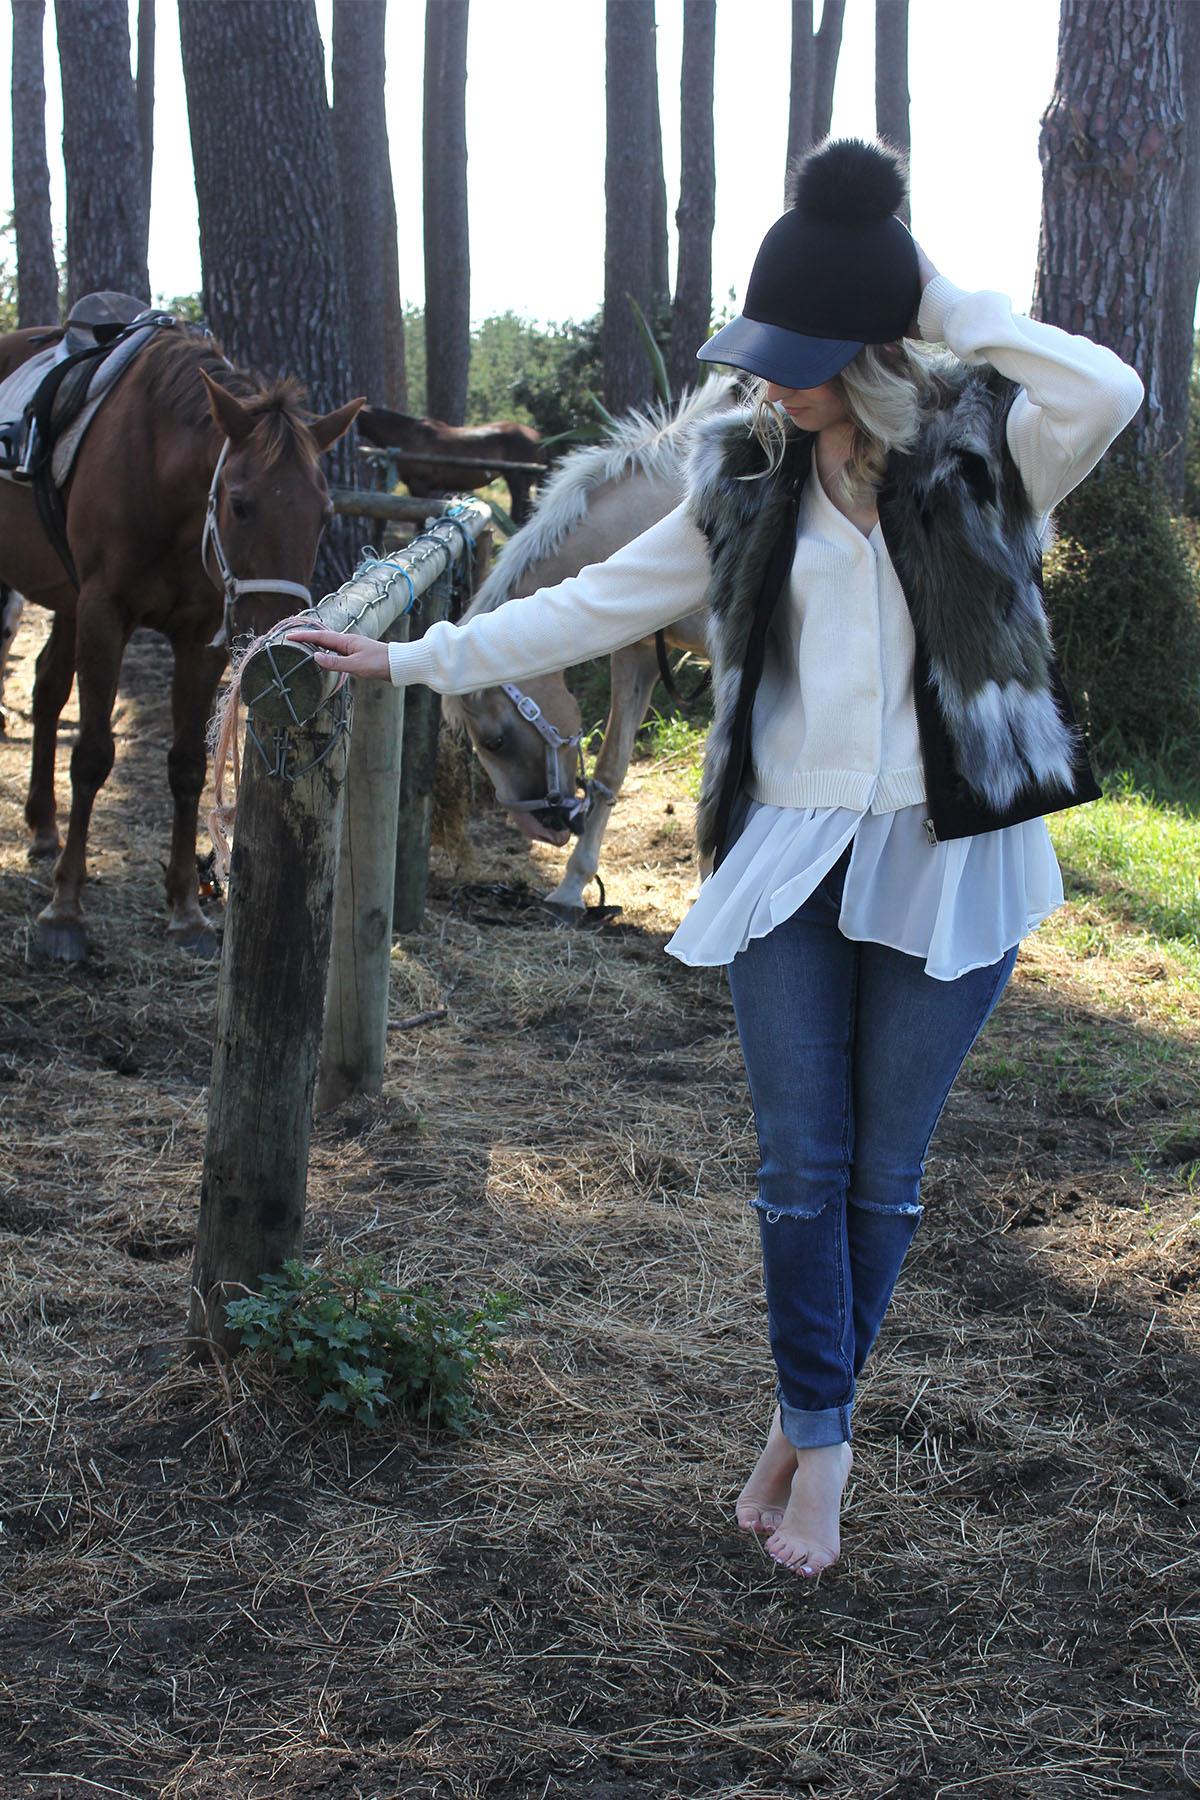 Muriwai-horses_0002_Horses-8.jpg